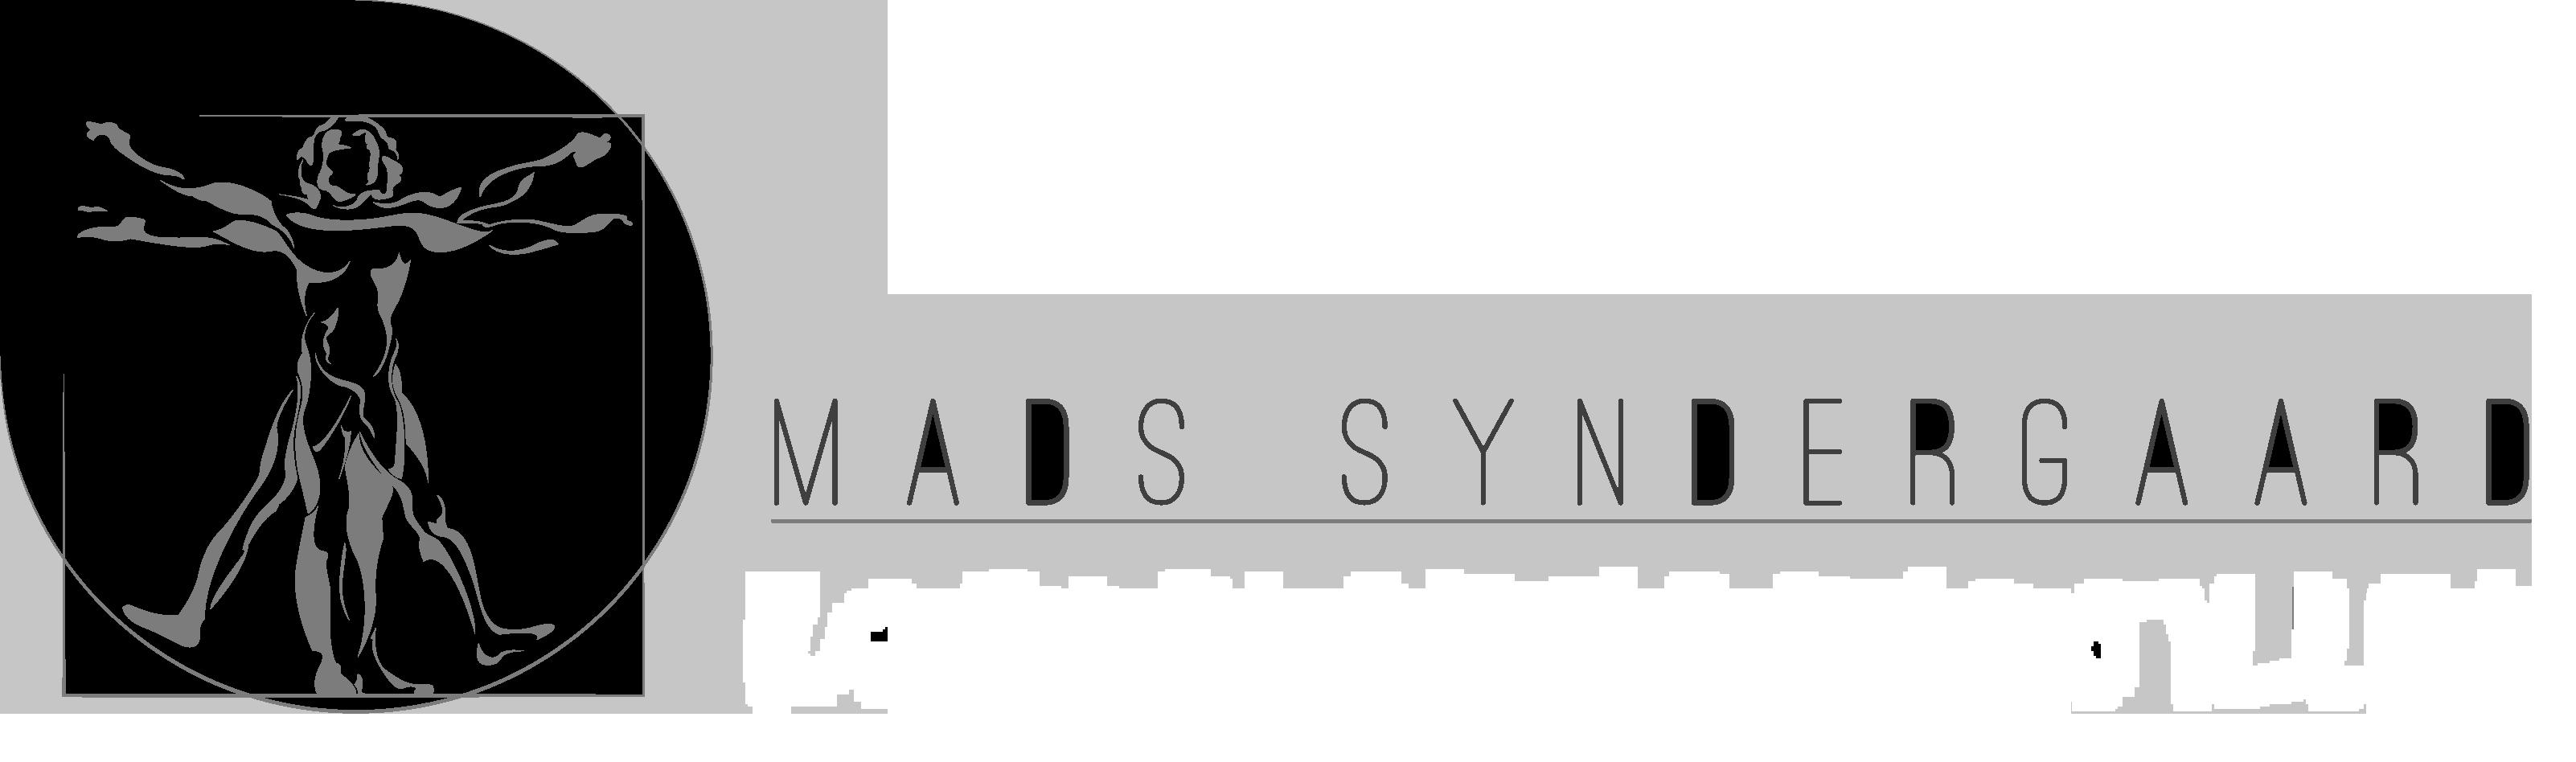 Mads Syndergaard